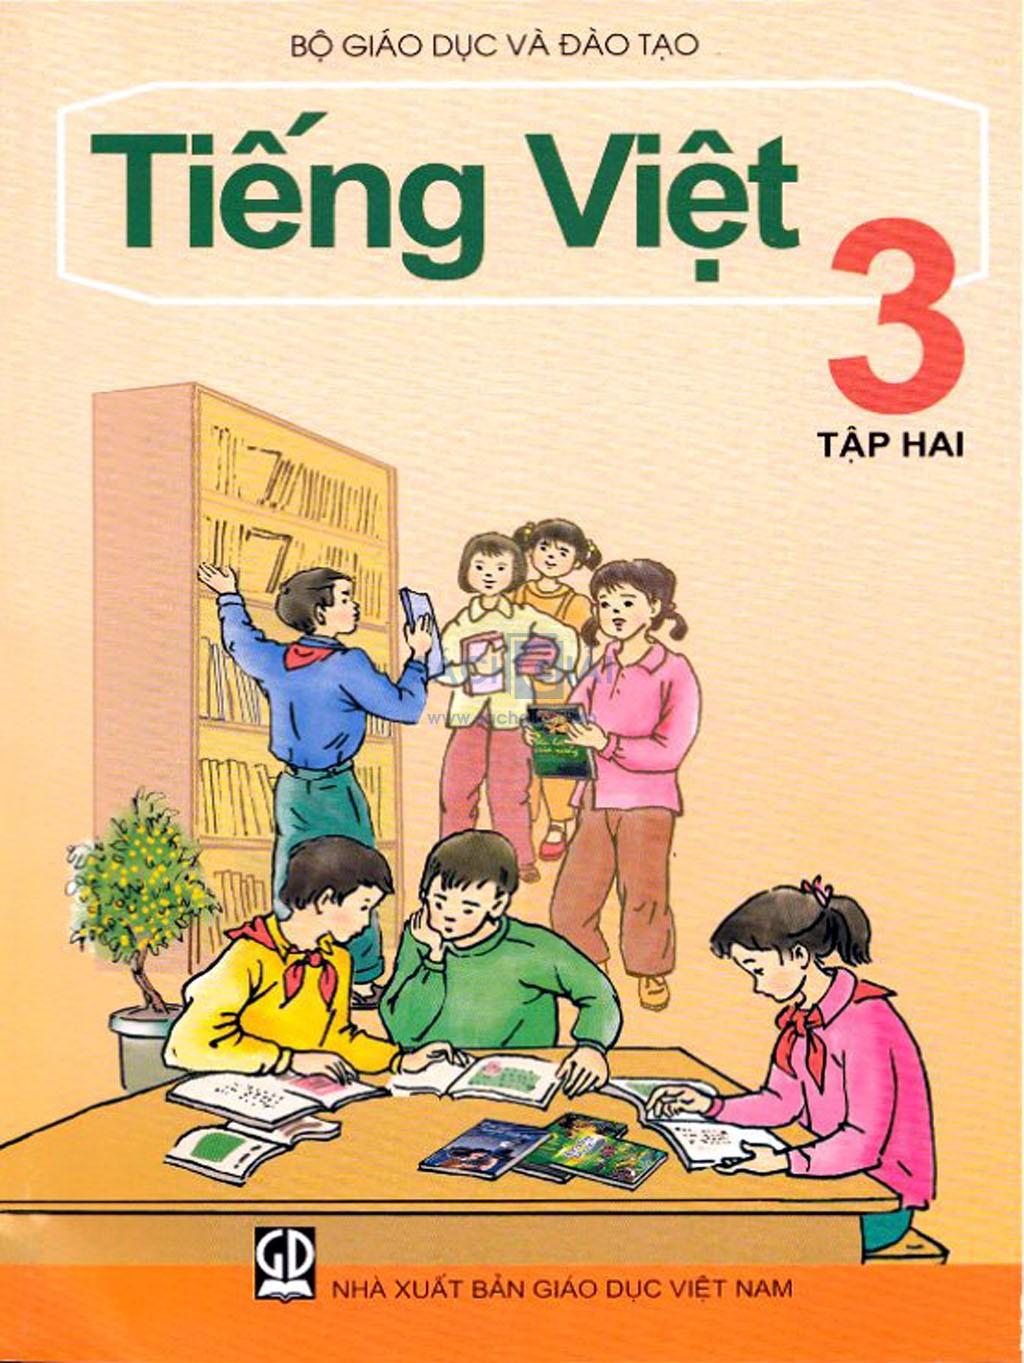 TAP ĐOC RUOC ĐÈN ÔNG SAO LỚP 3 MƠI-TH-THCS Nguyễn Văn Đậu-Tân Trụ